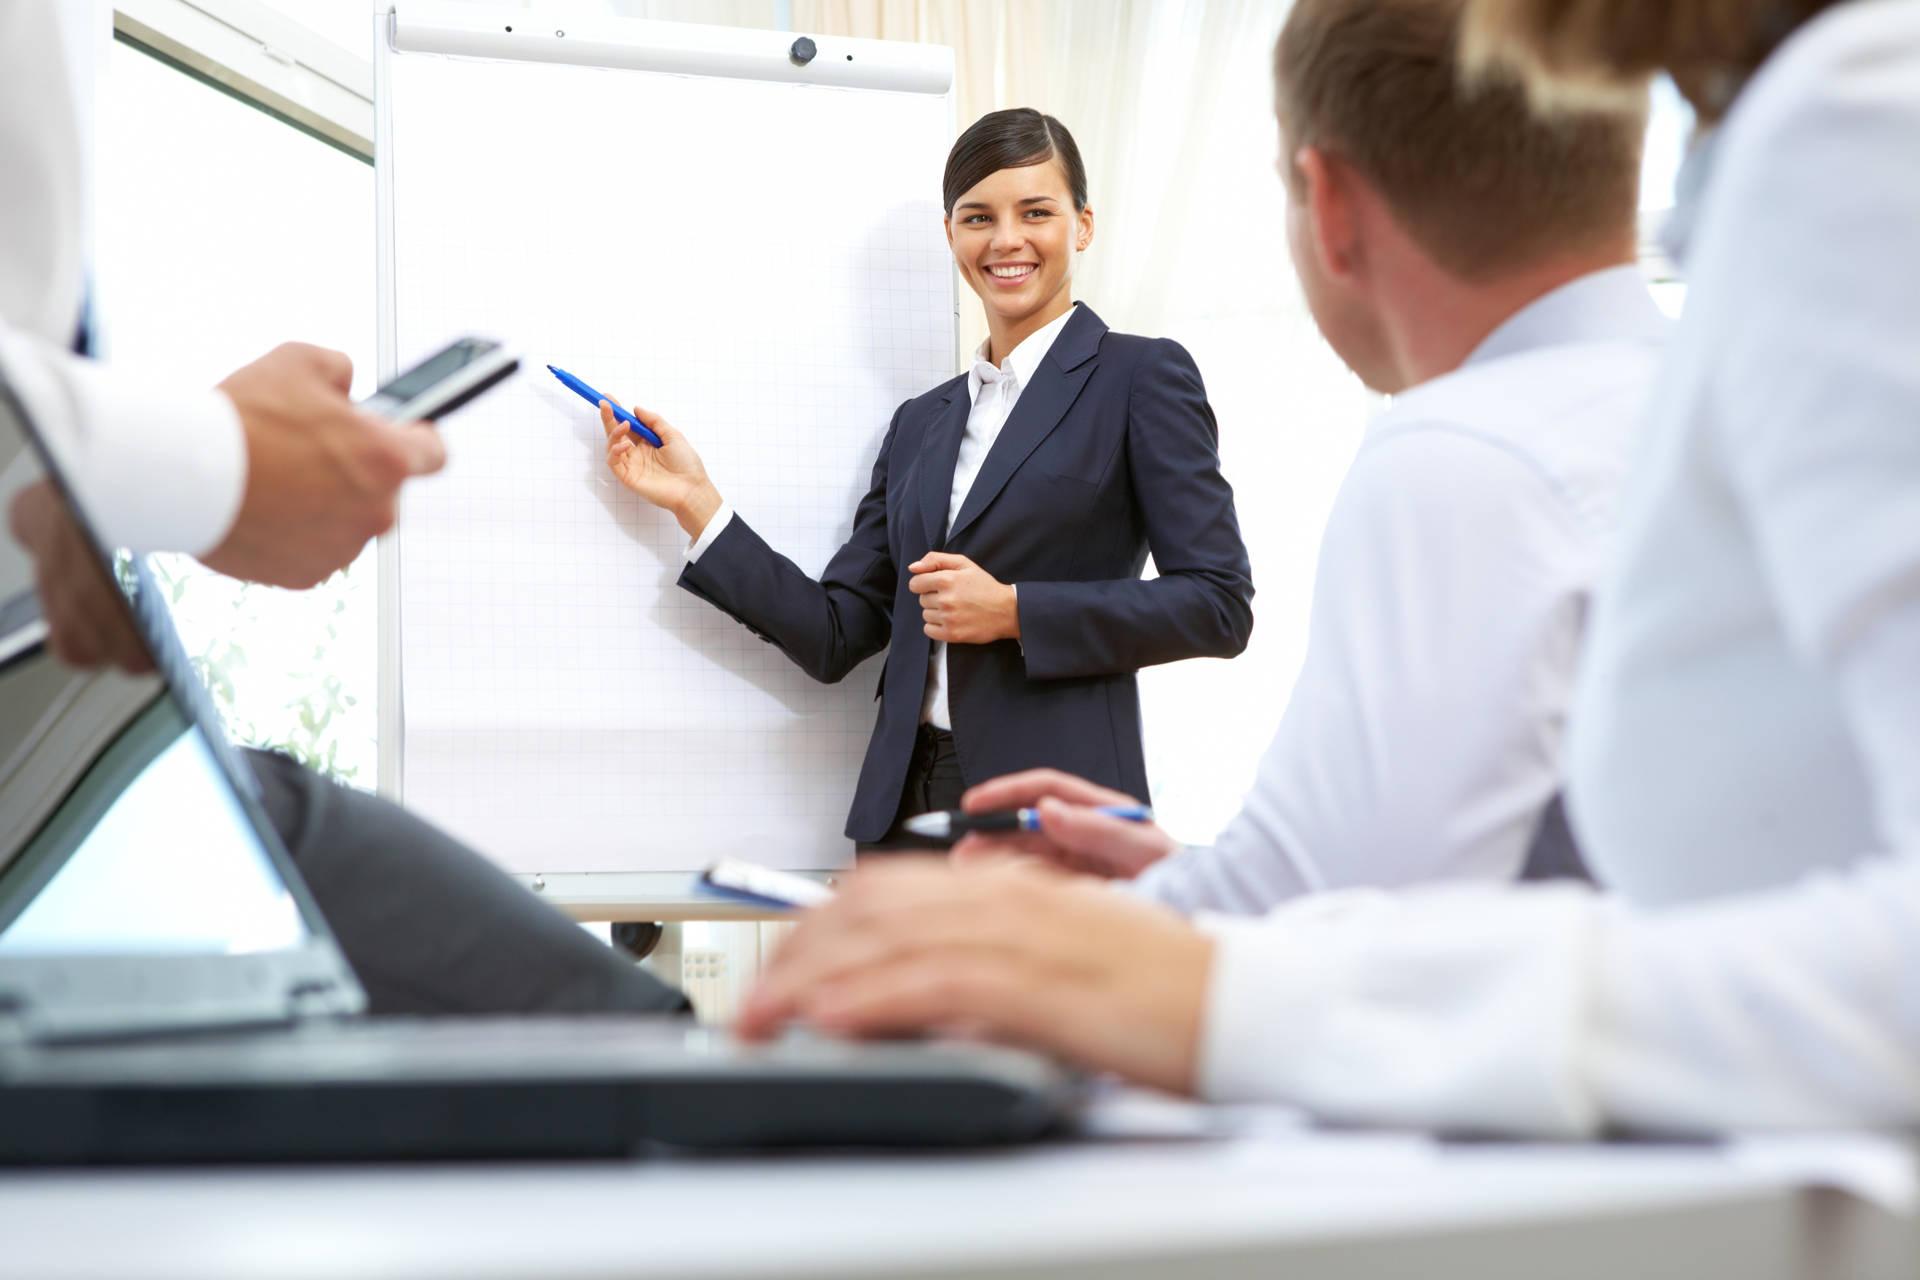 Educacao Financeira – Responsabilidade de quem?